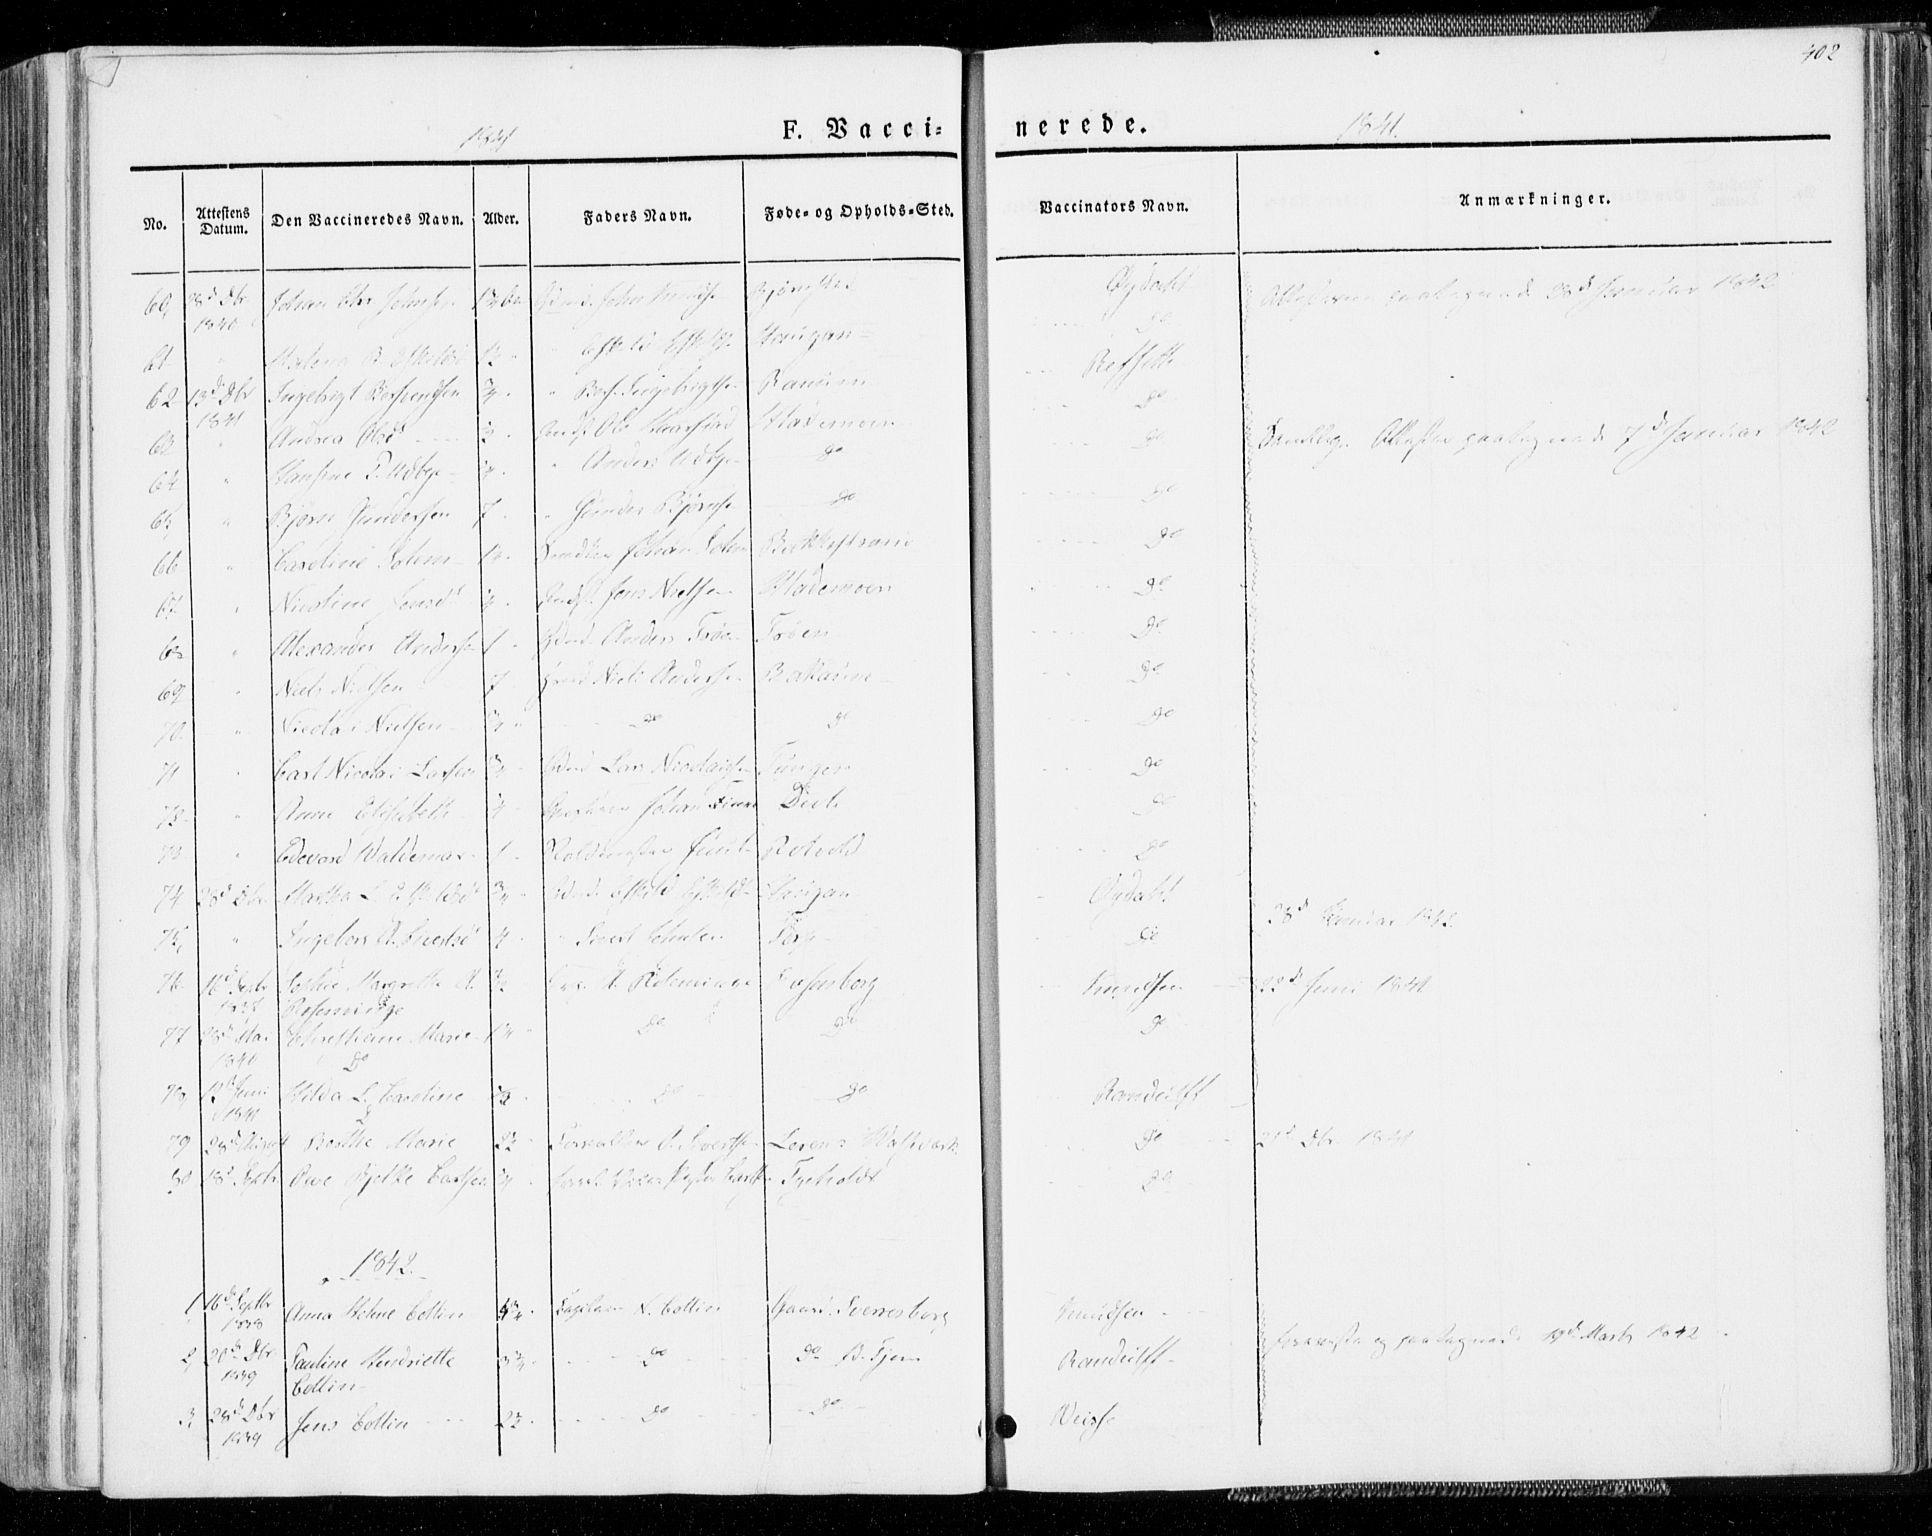 SAT, Ministerialprotokoller, klokkerbøker og fødselsregistre - Sør-Trøndelag, 606/L0290: Ministerialbok nr. 606A05, 1841-1847, s. 402